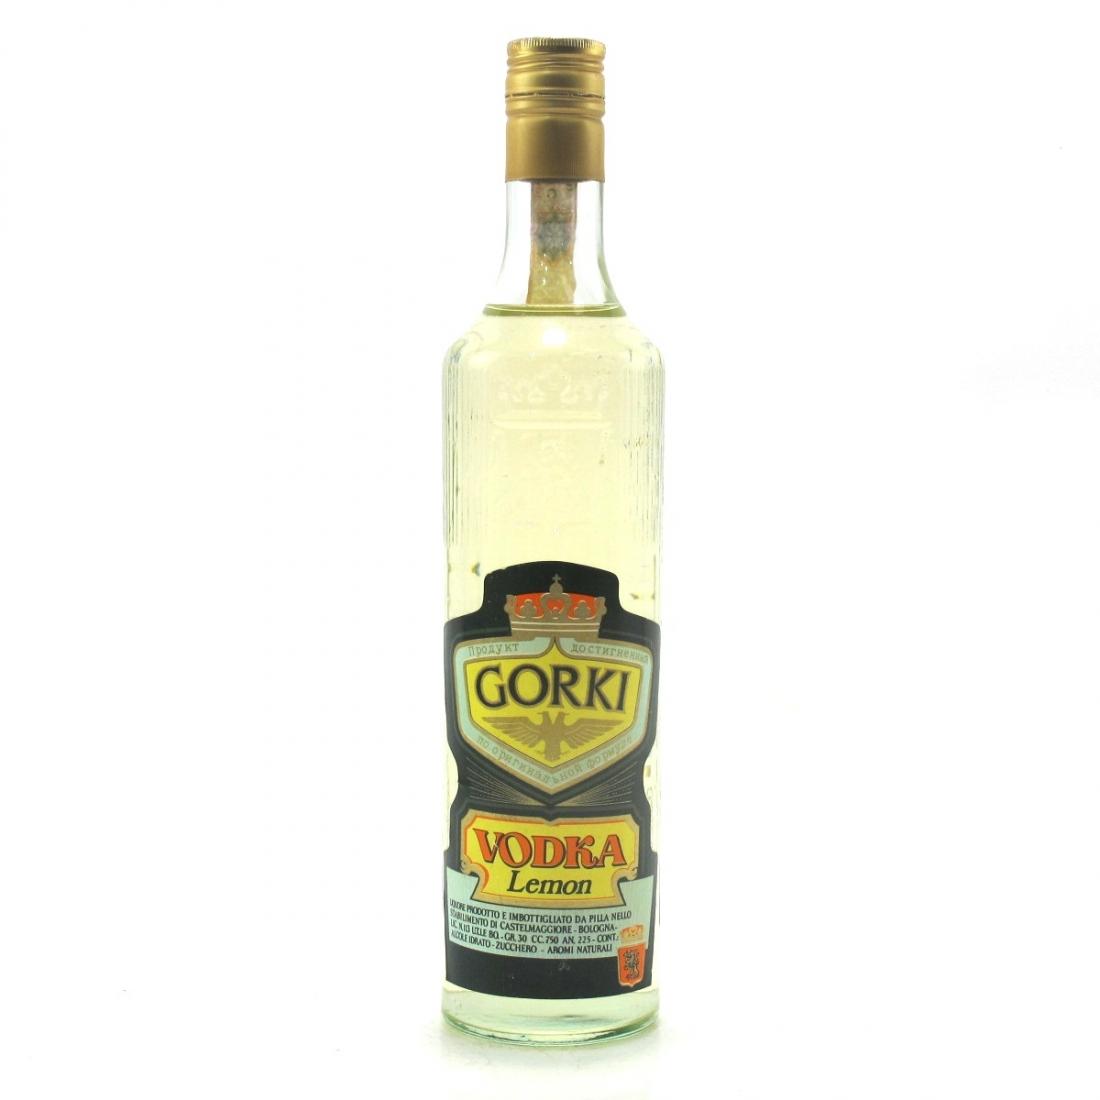 Gorki Vodka Lemon 1970s